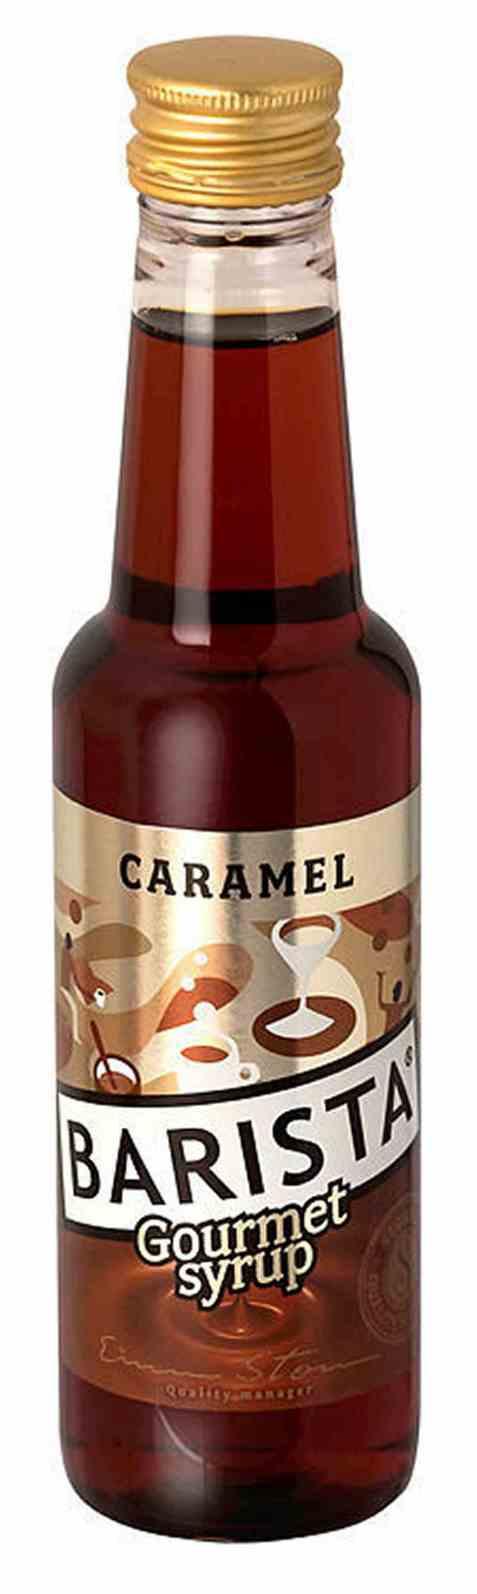 Bilde av Barista Gourmet Syrup Caramel.